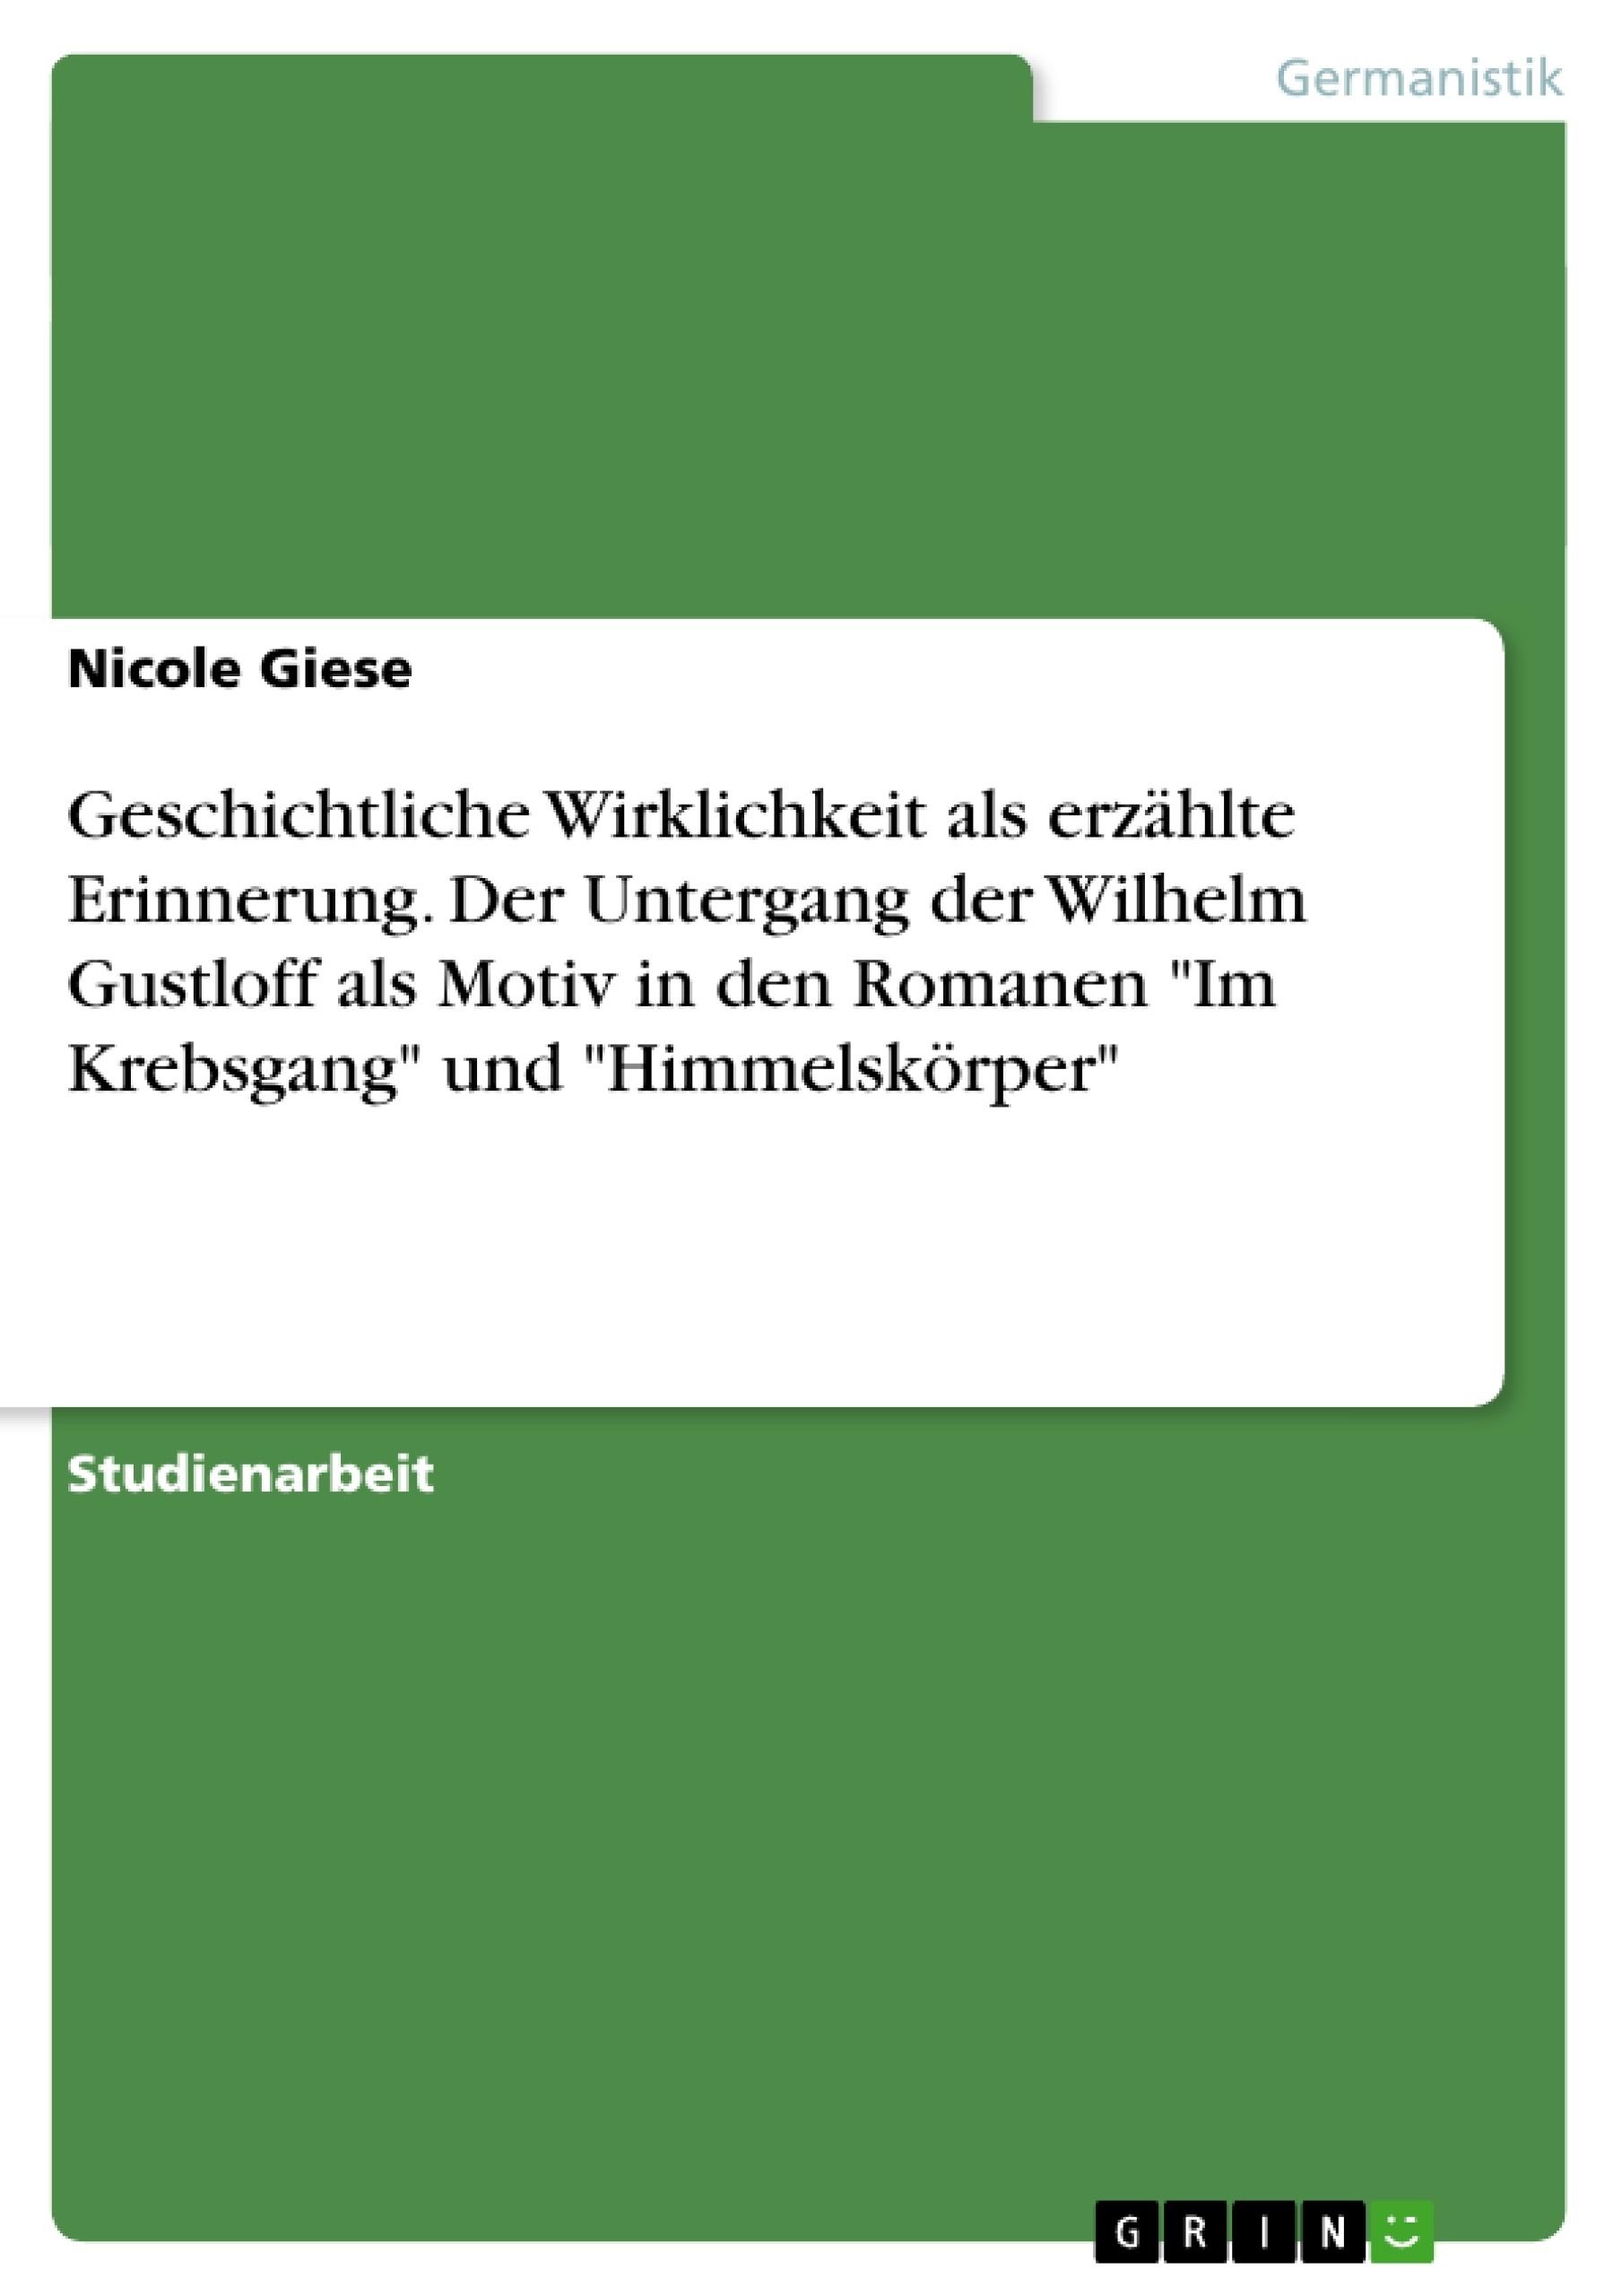 """Titel: Geschichtliche Wirklichkeit als erzählte Erinnerung. Der Untergang der Wilhelm Gustloff als Motiv in den Romanen """"Im Krebsgang"""" und """"Himmelskörper"""""""